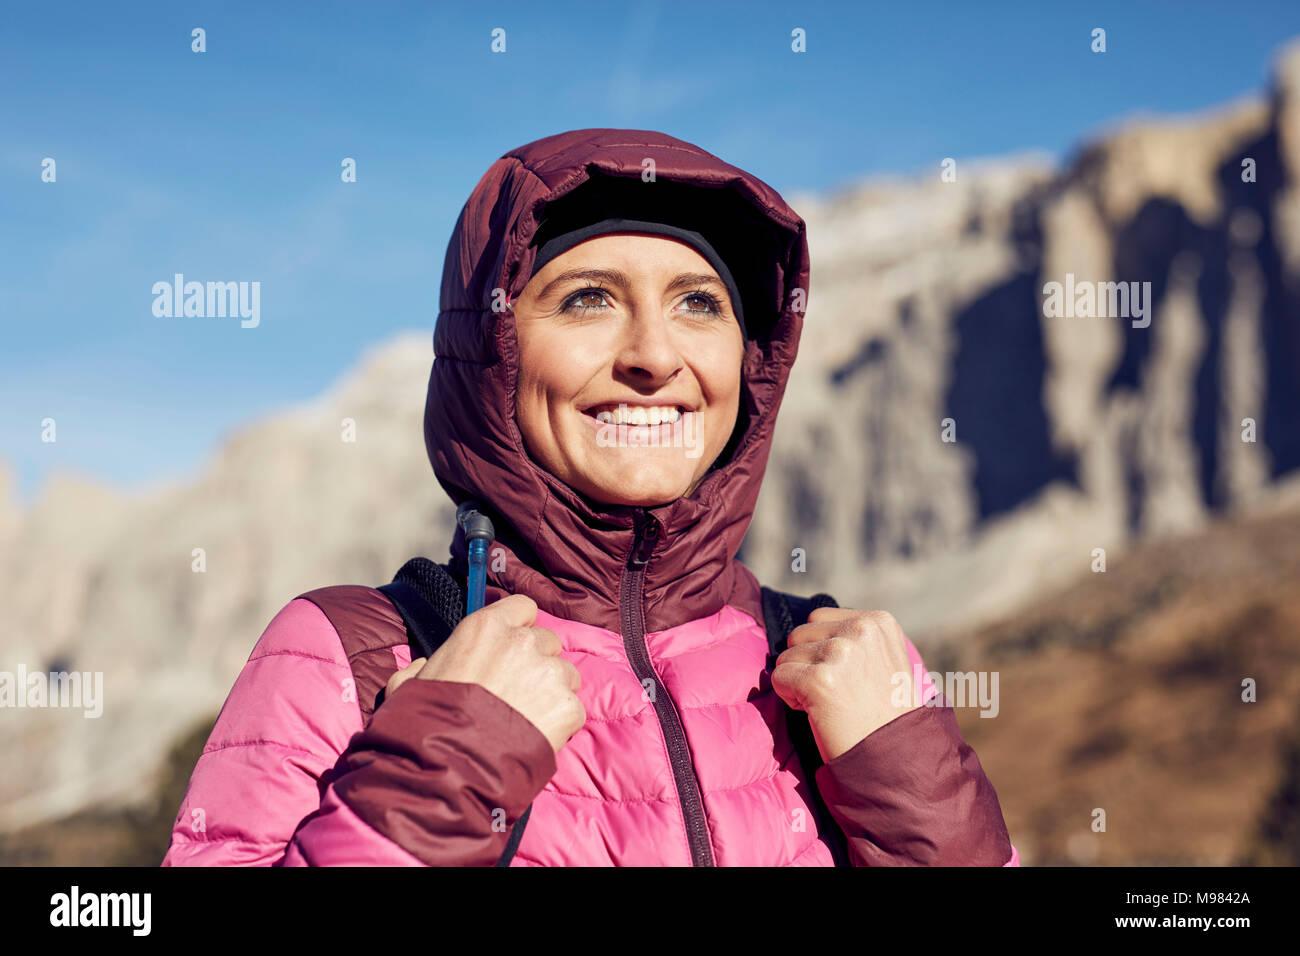 Retrato de seguros joven senderismo en las montañas Imagen De Stock